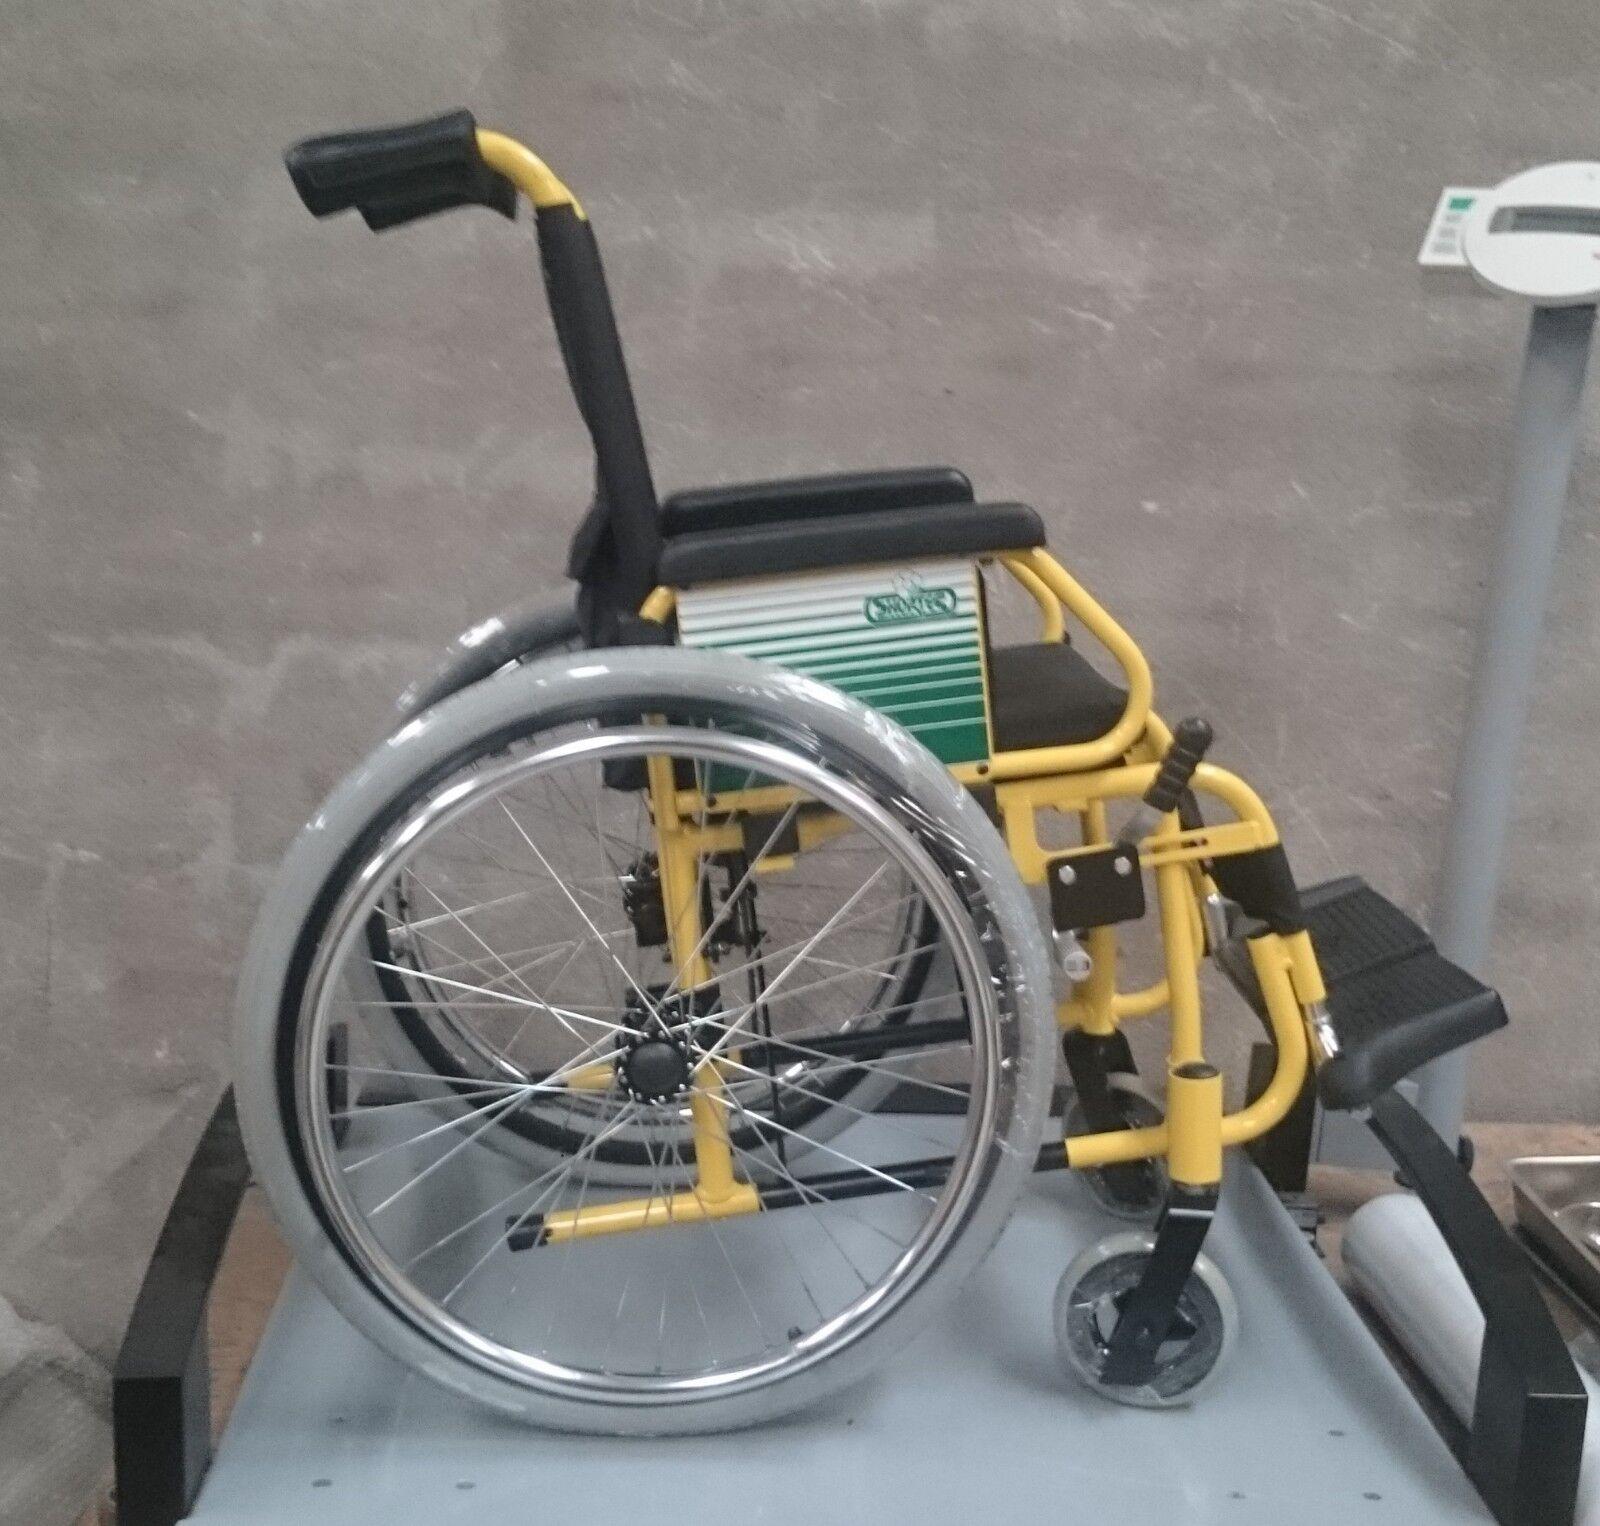 s l1600 - Silla de ruedas para niños, acolchada, superligera, desmontable y resistente.